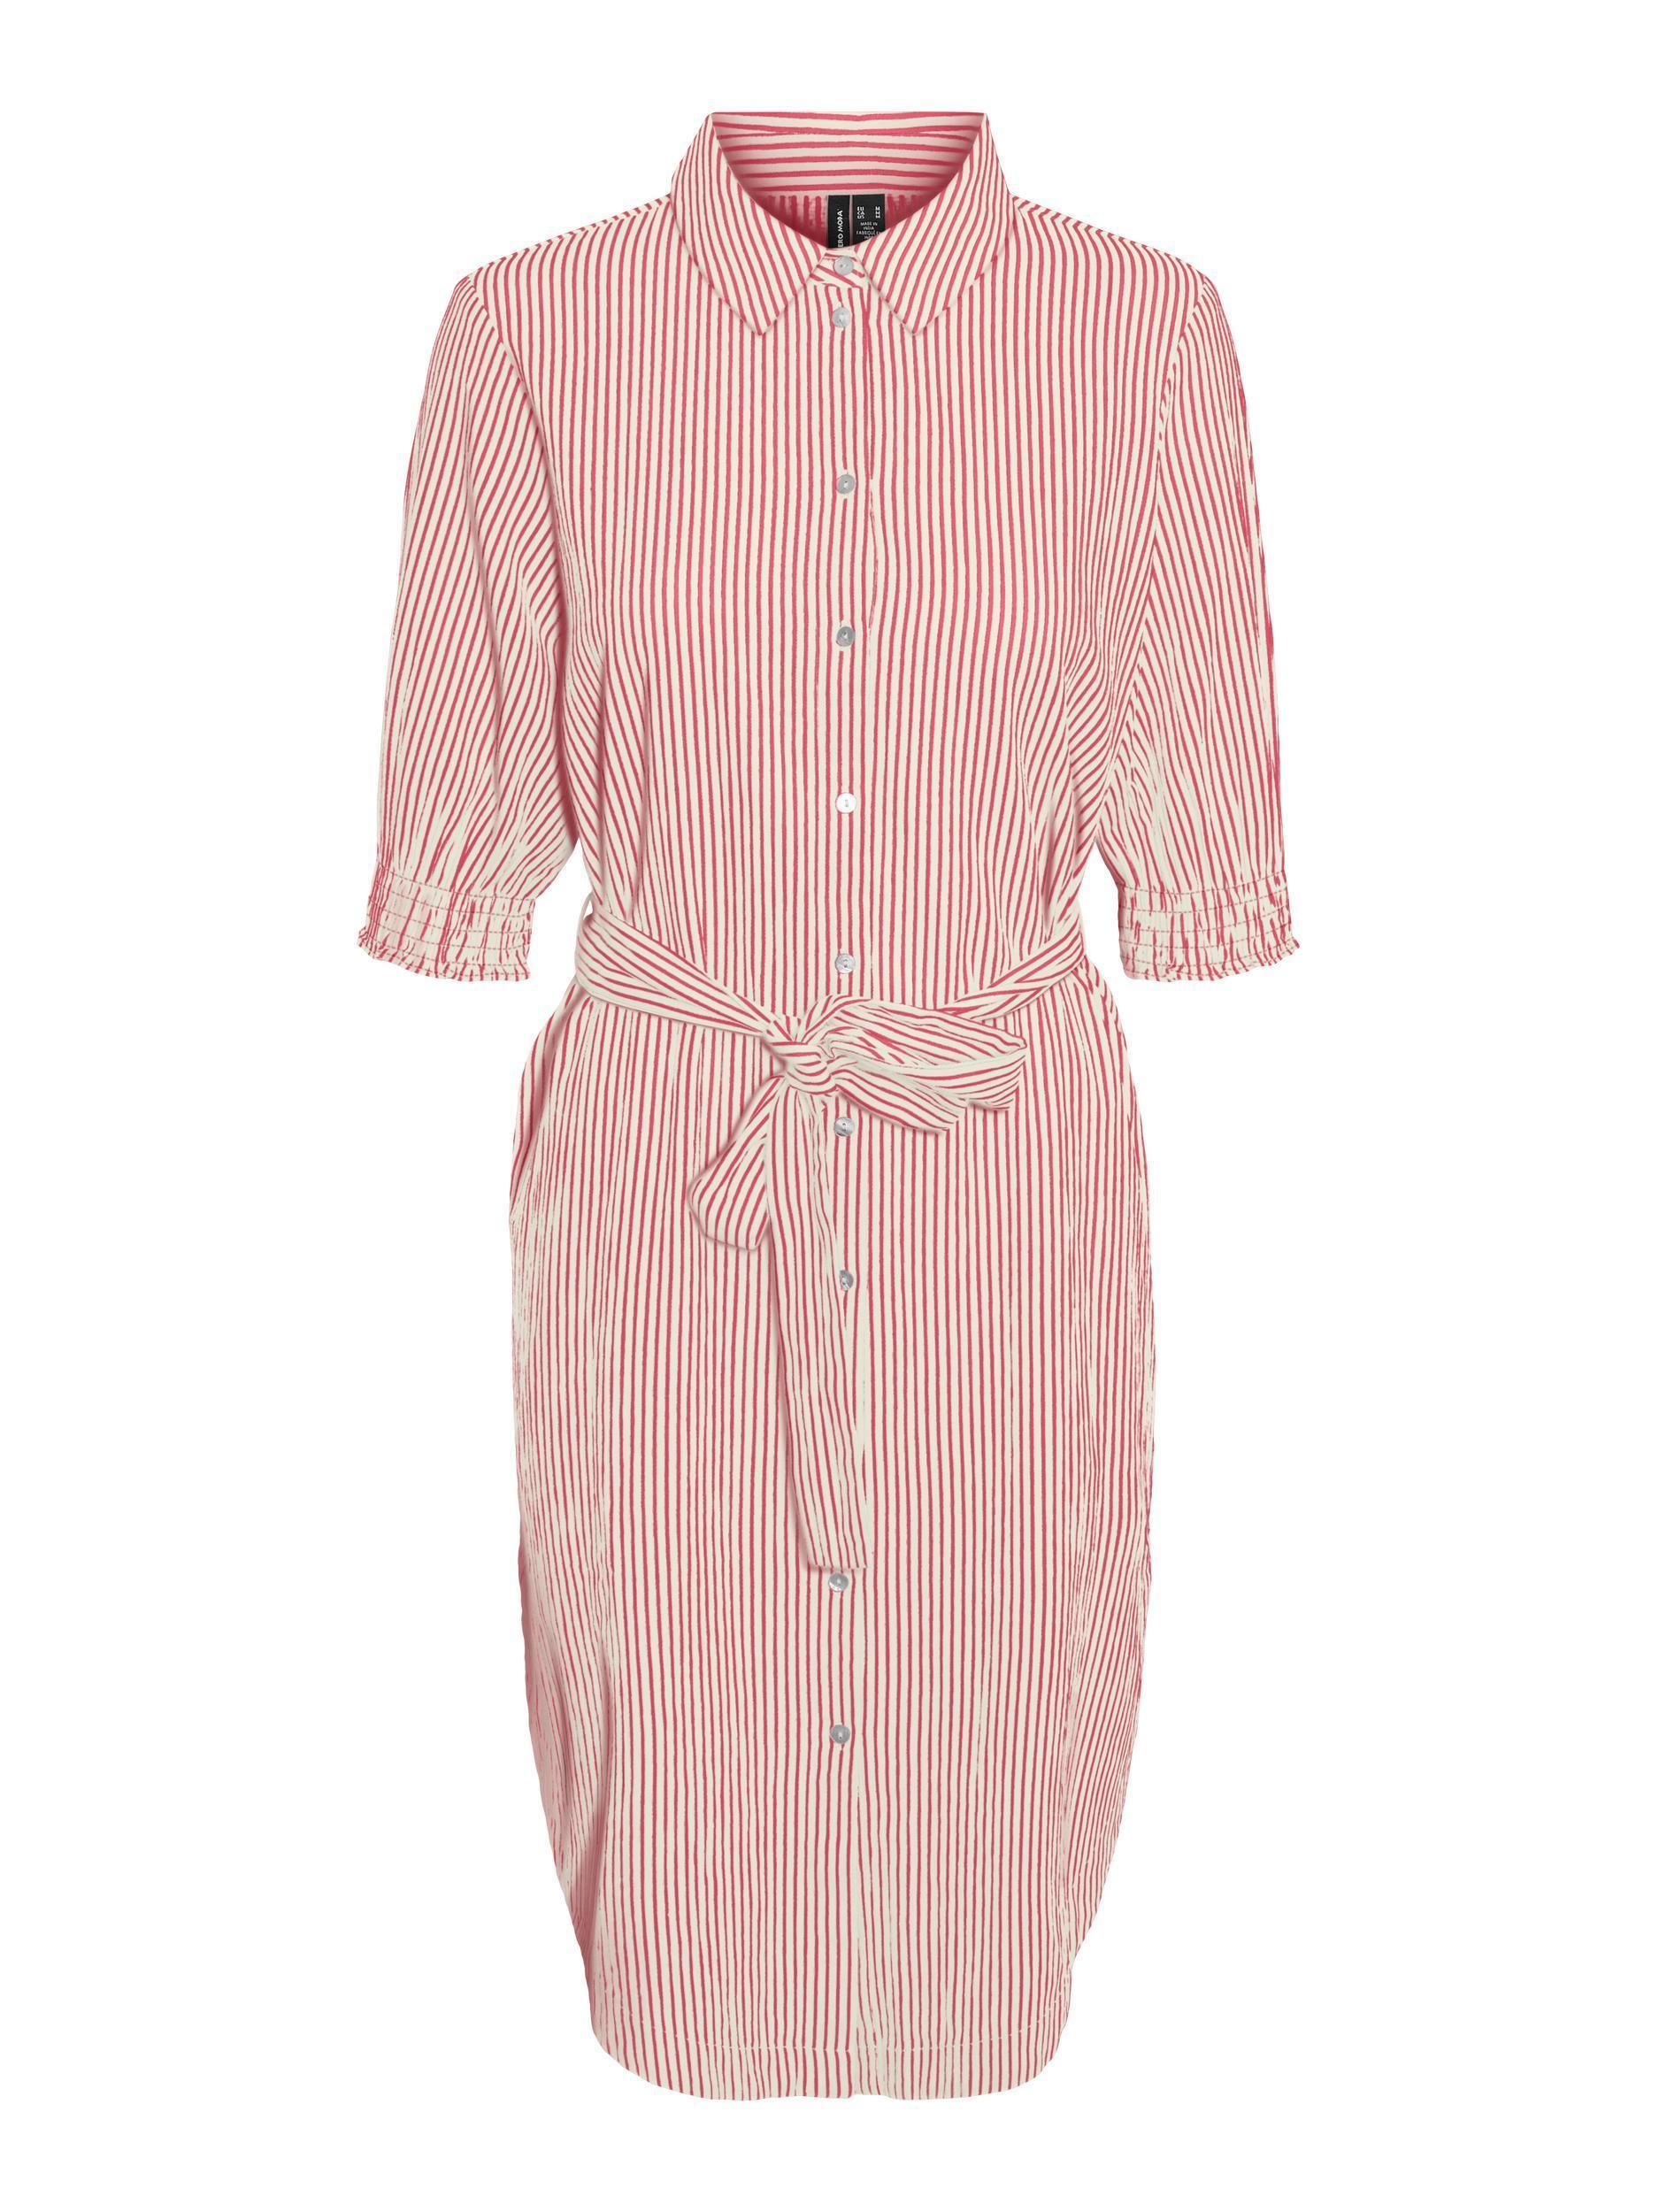 Vero Moda dámské pruhované šaty Annabelle s vázačkou červené